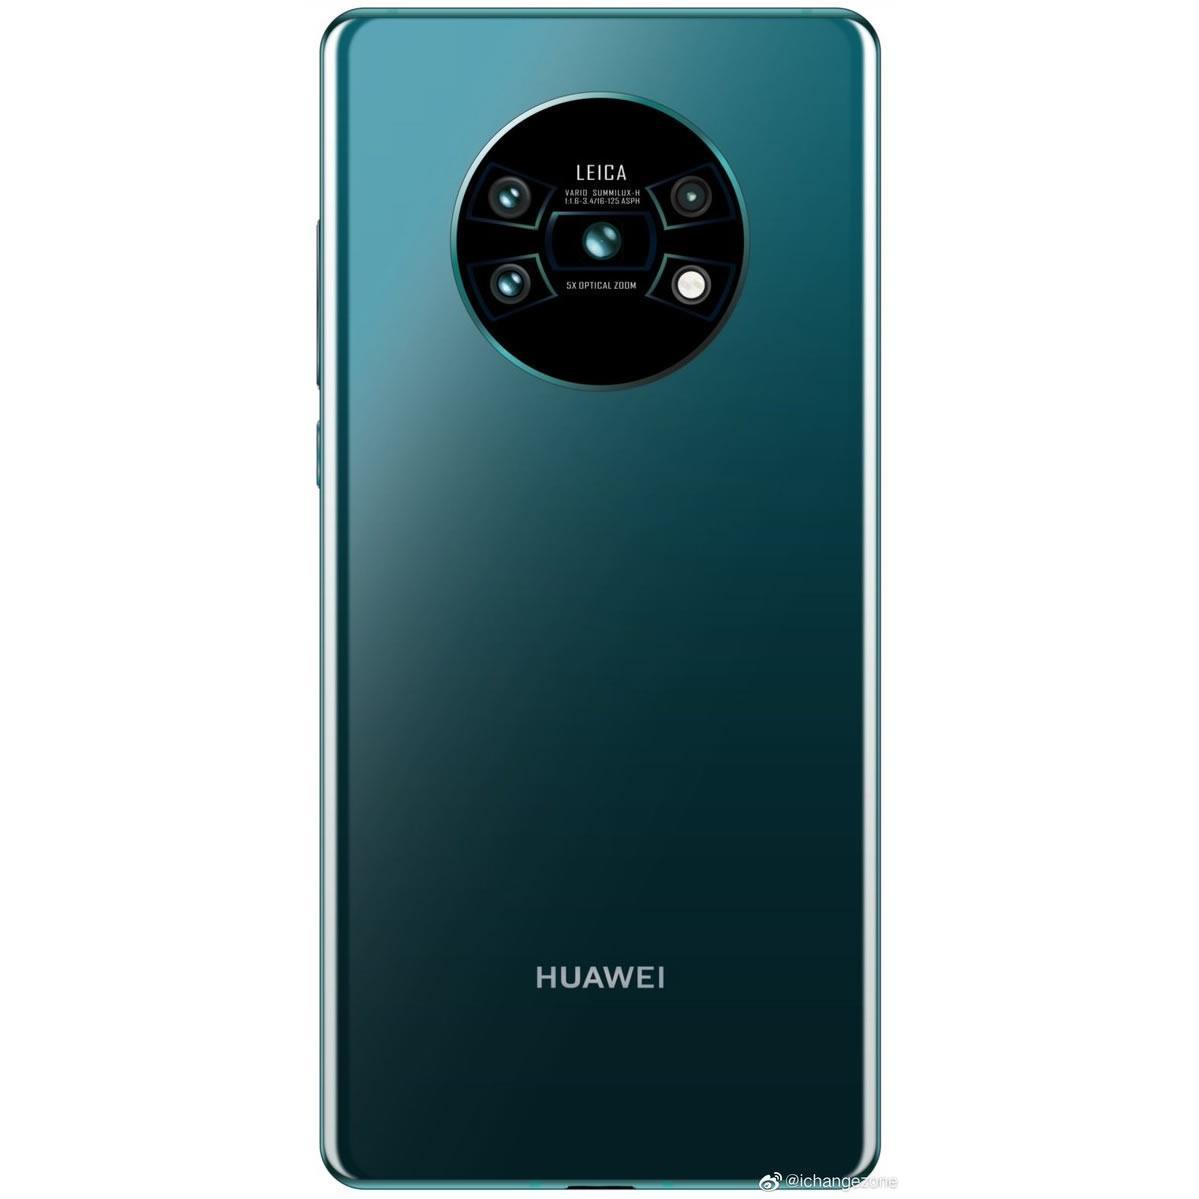 Amiral gemisi Huawei Mate 30 Pro'nun kamera tasarımı ortaya çıktı